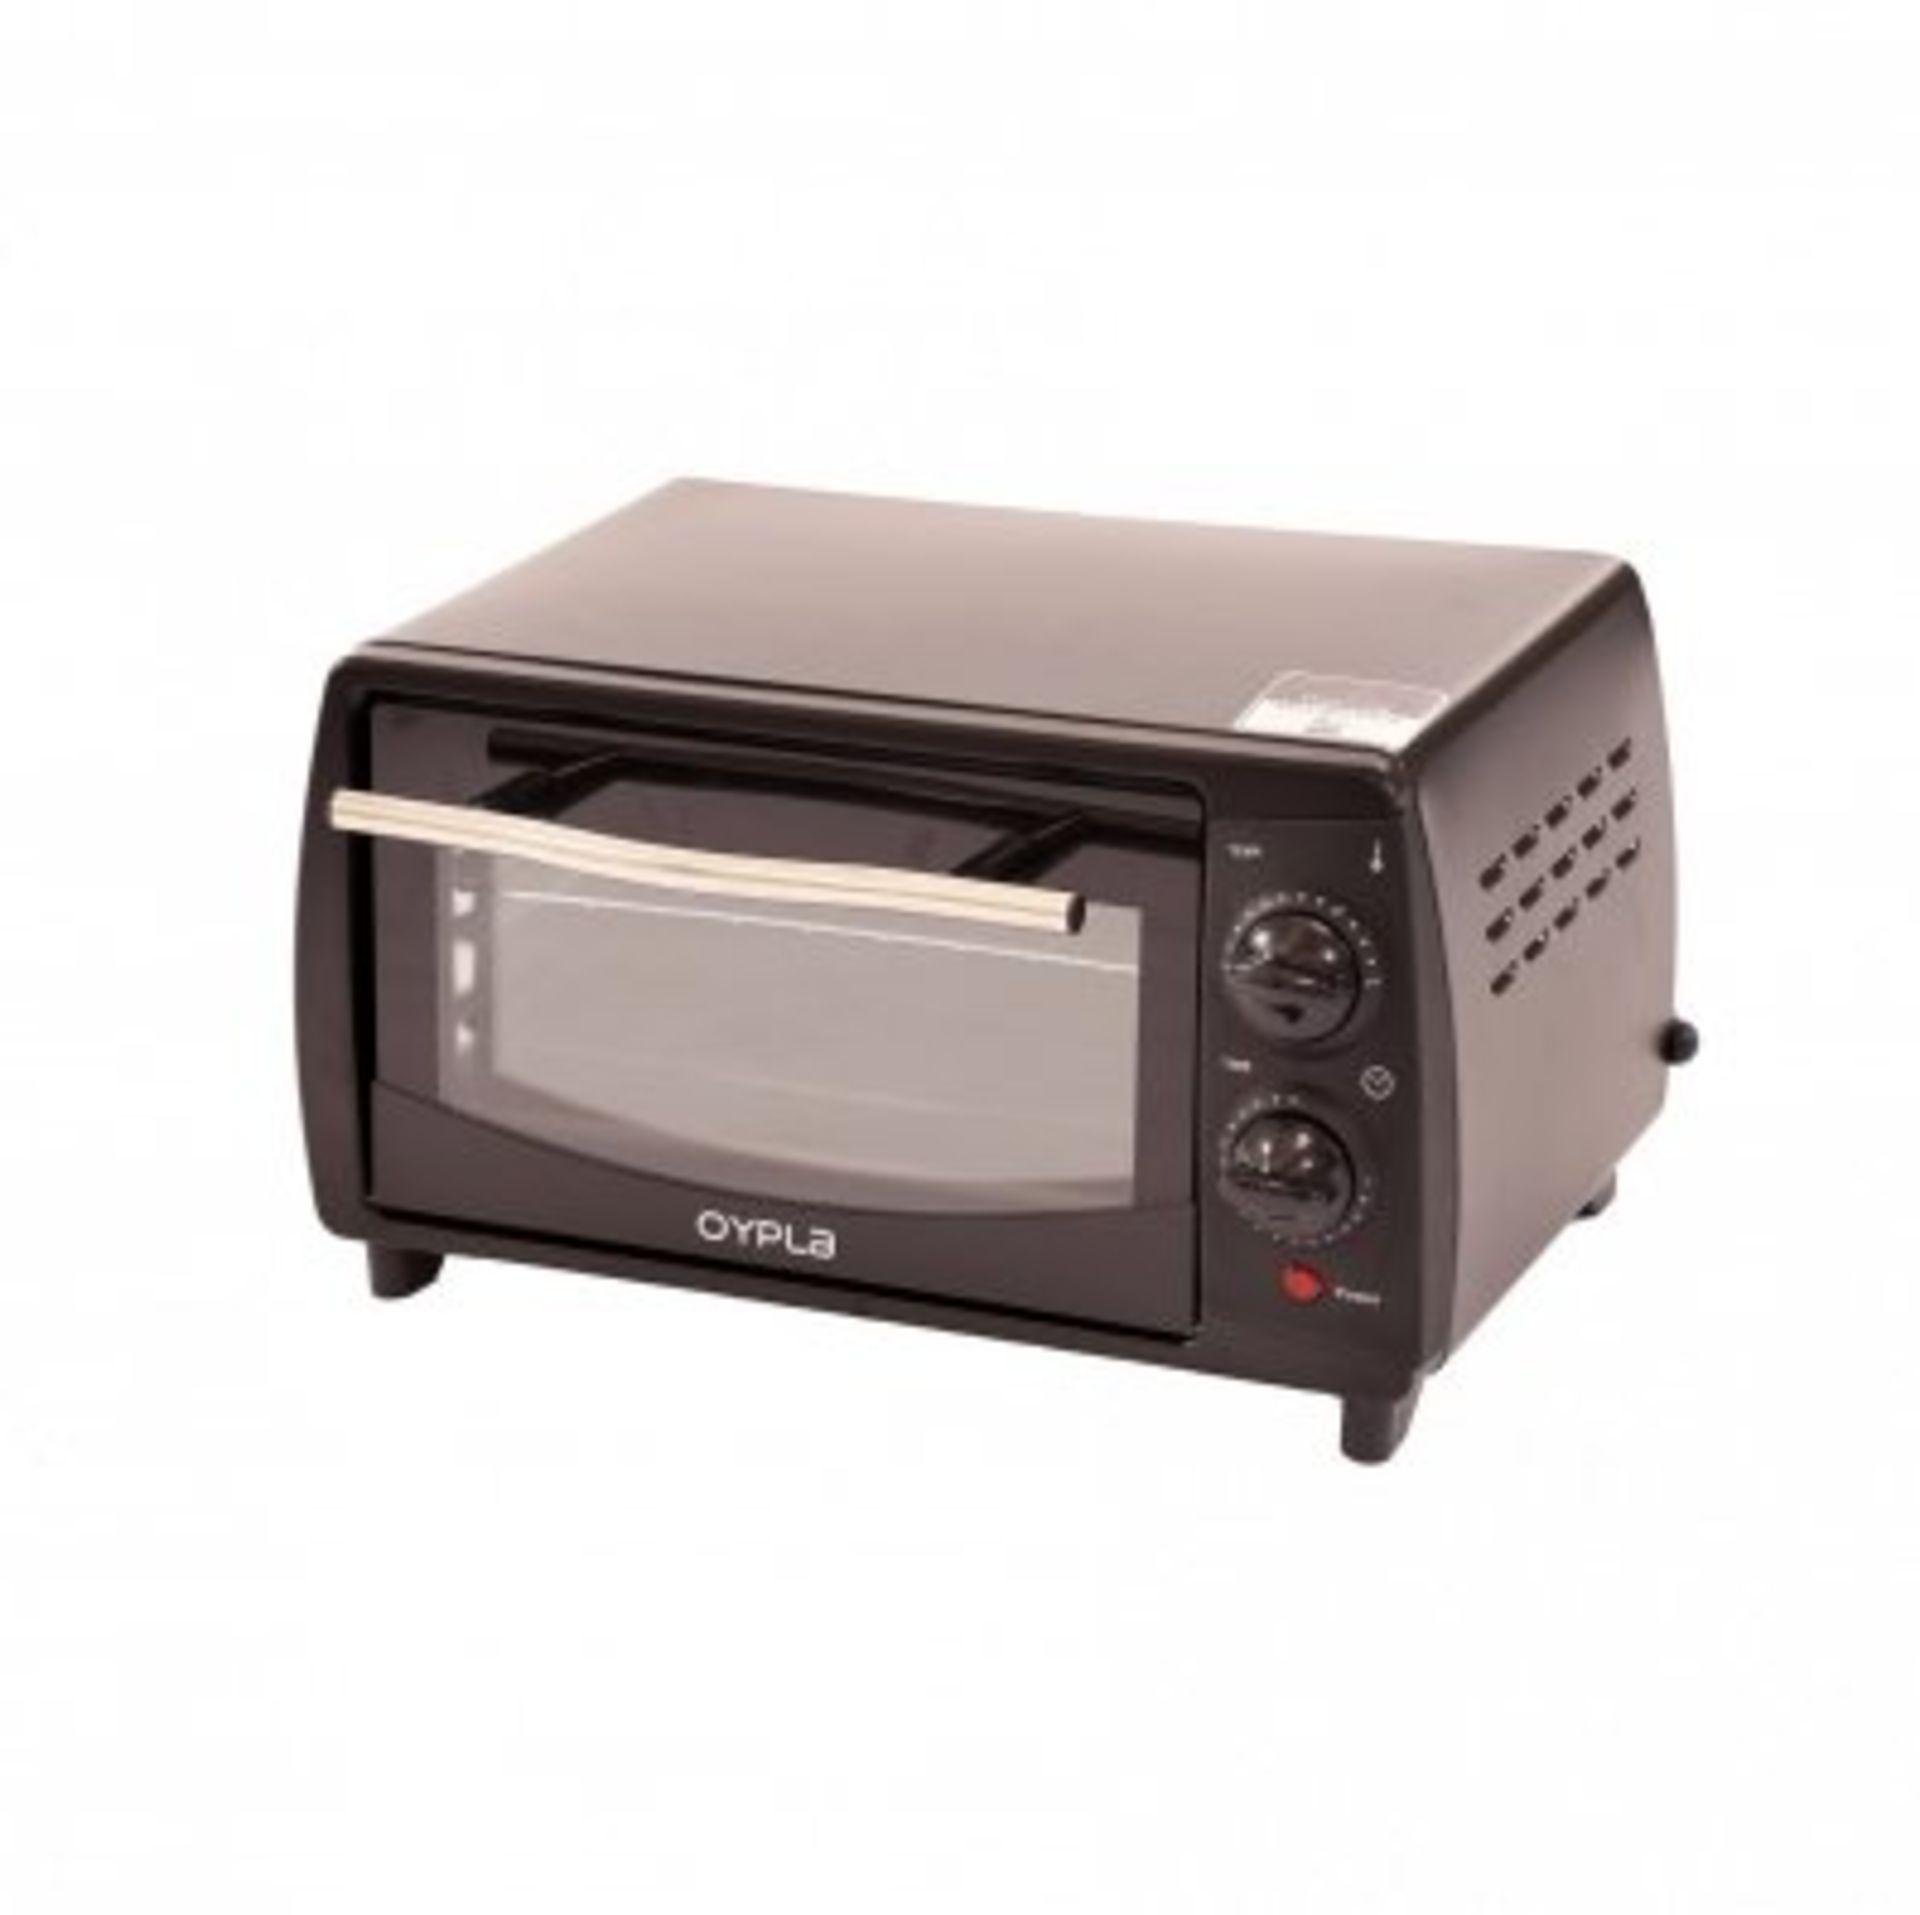 Lot 30 - (RU22) 9L Electric Black Mini Oven 800W 50HZ 230V Adjustable Temperature Control This 9L 80...